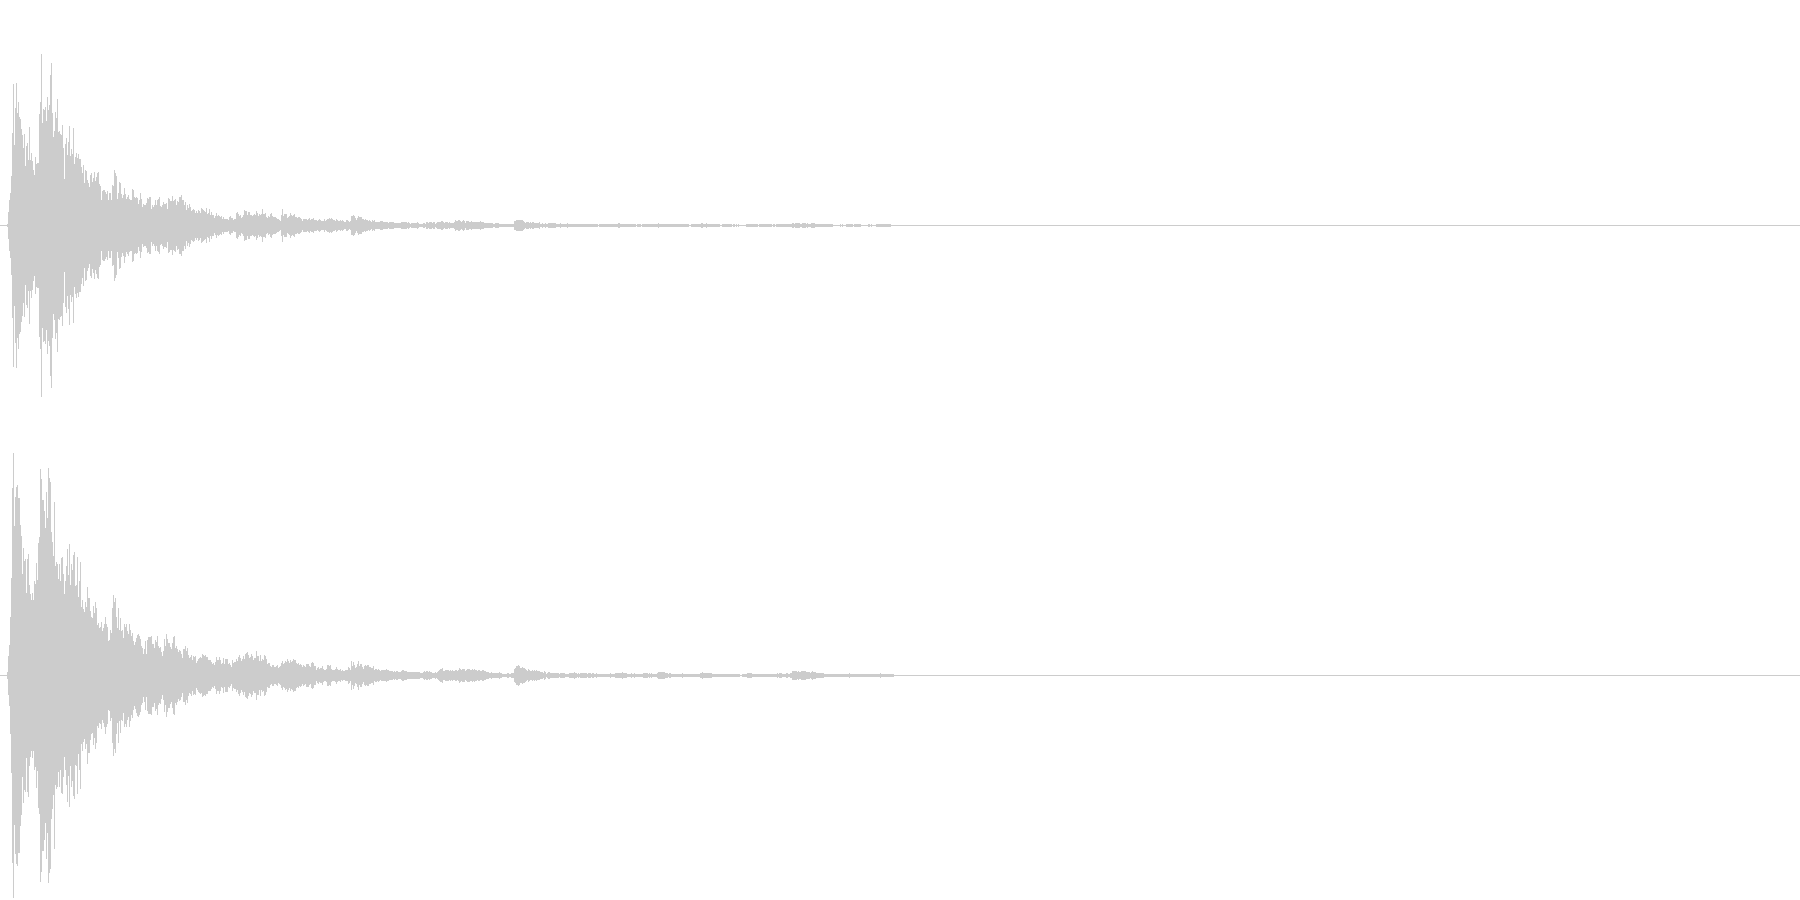 「シャシャーン」象徴的なソリベルの音2の未再生の波形